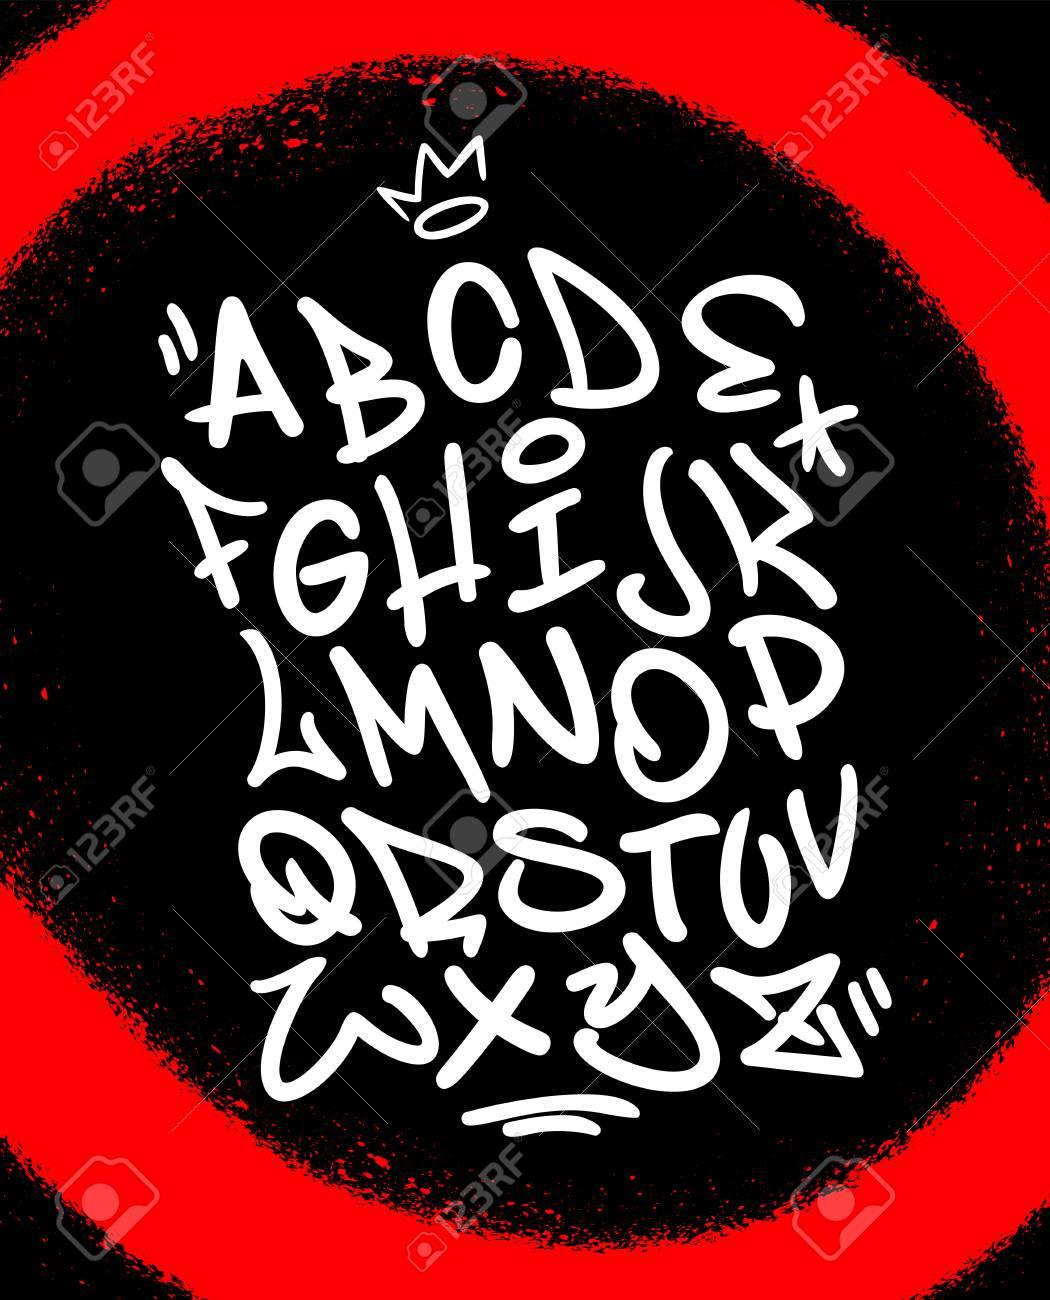 Handwritten graffiti font alphabet  Artistic hip hop typography